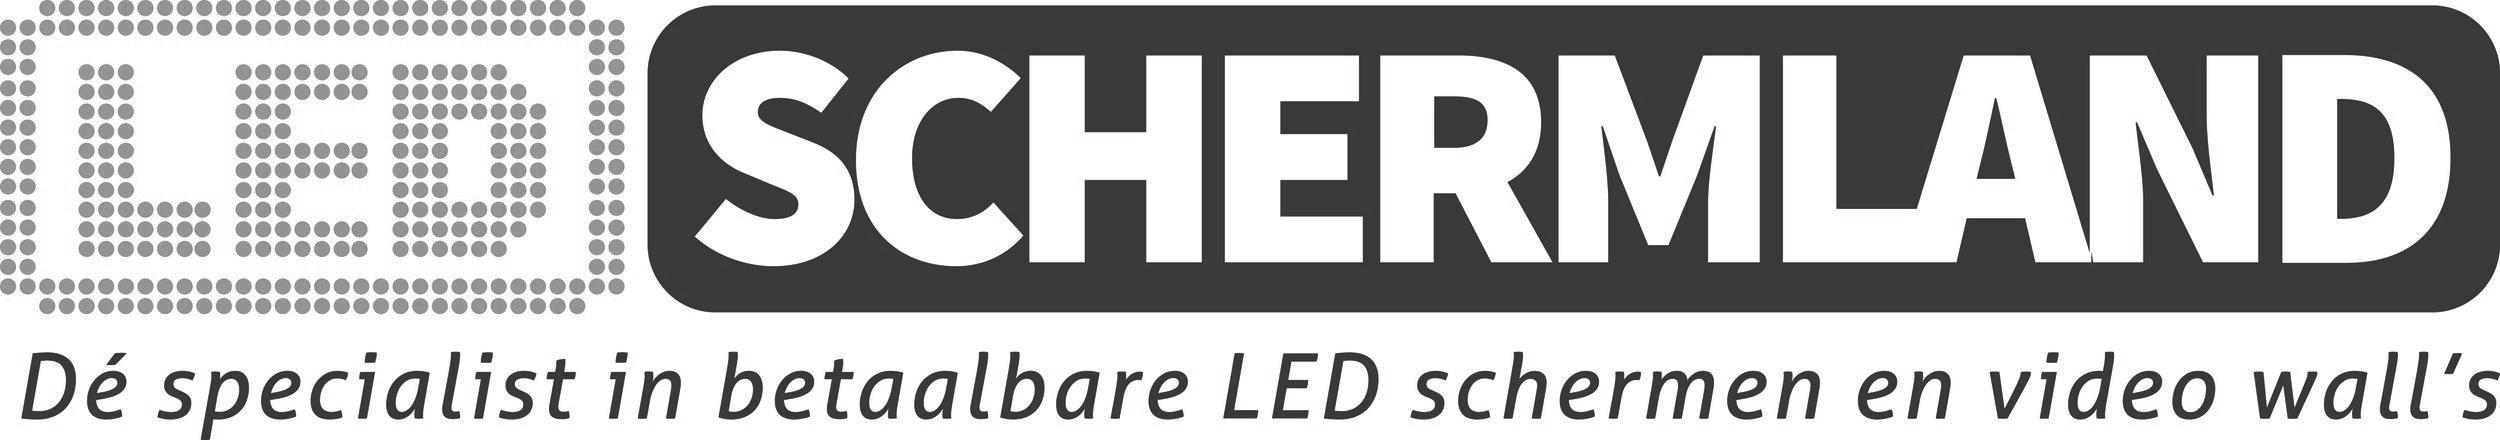 LEDschermland logo witte achtergrond.jpg